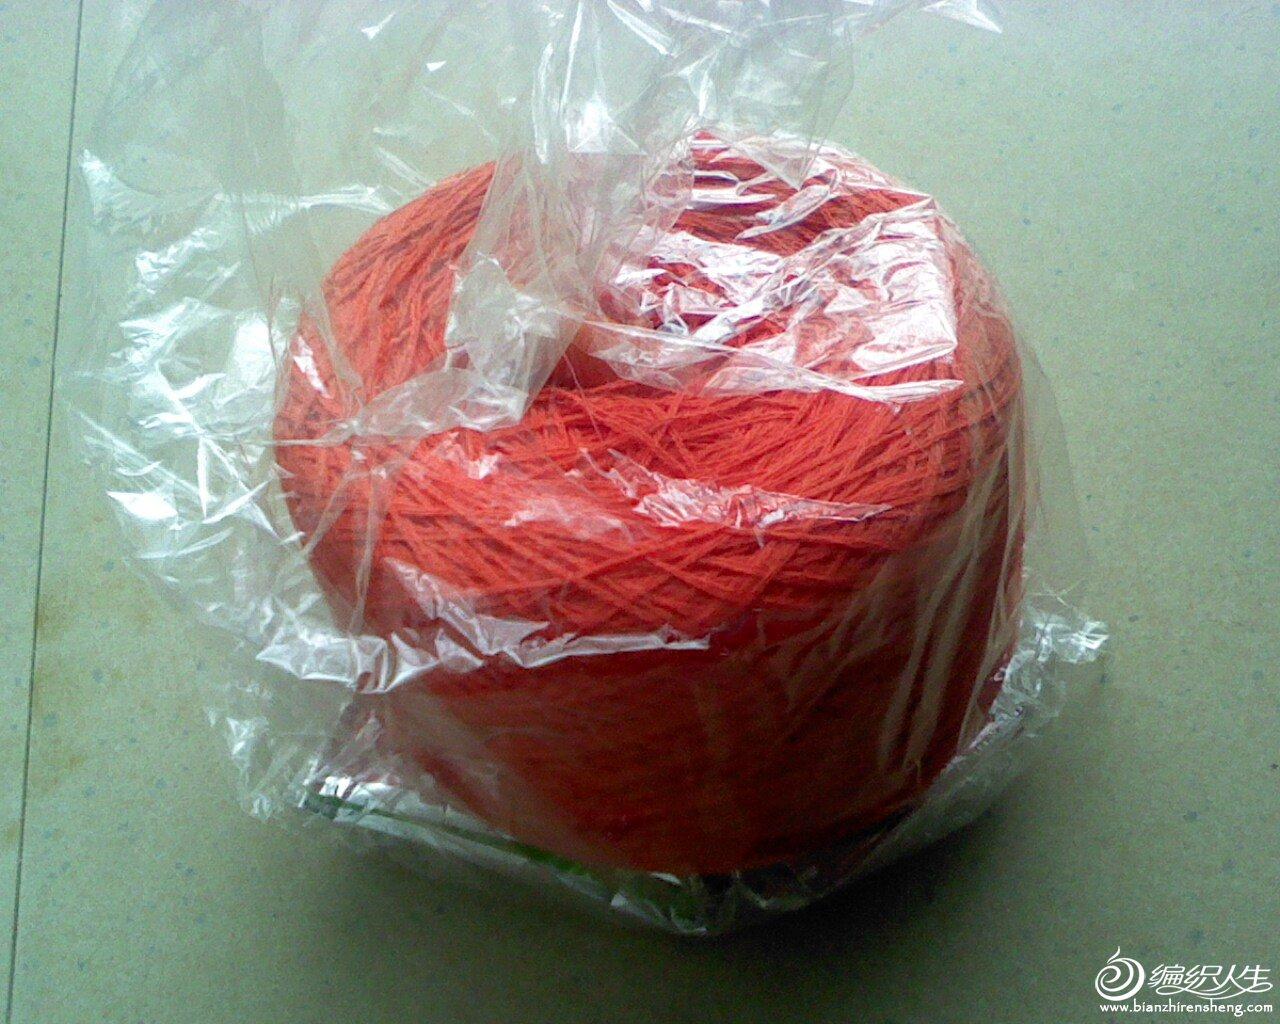 千千结家的绵羊绒橘红一斤,买来45元,40元出